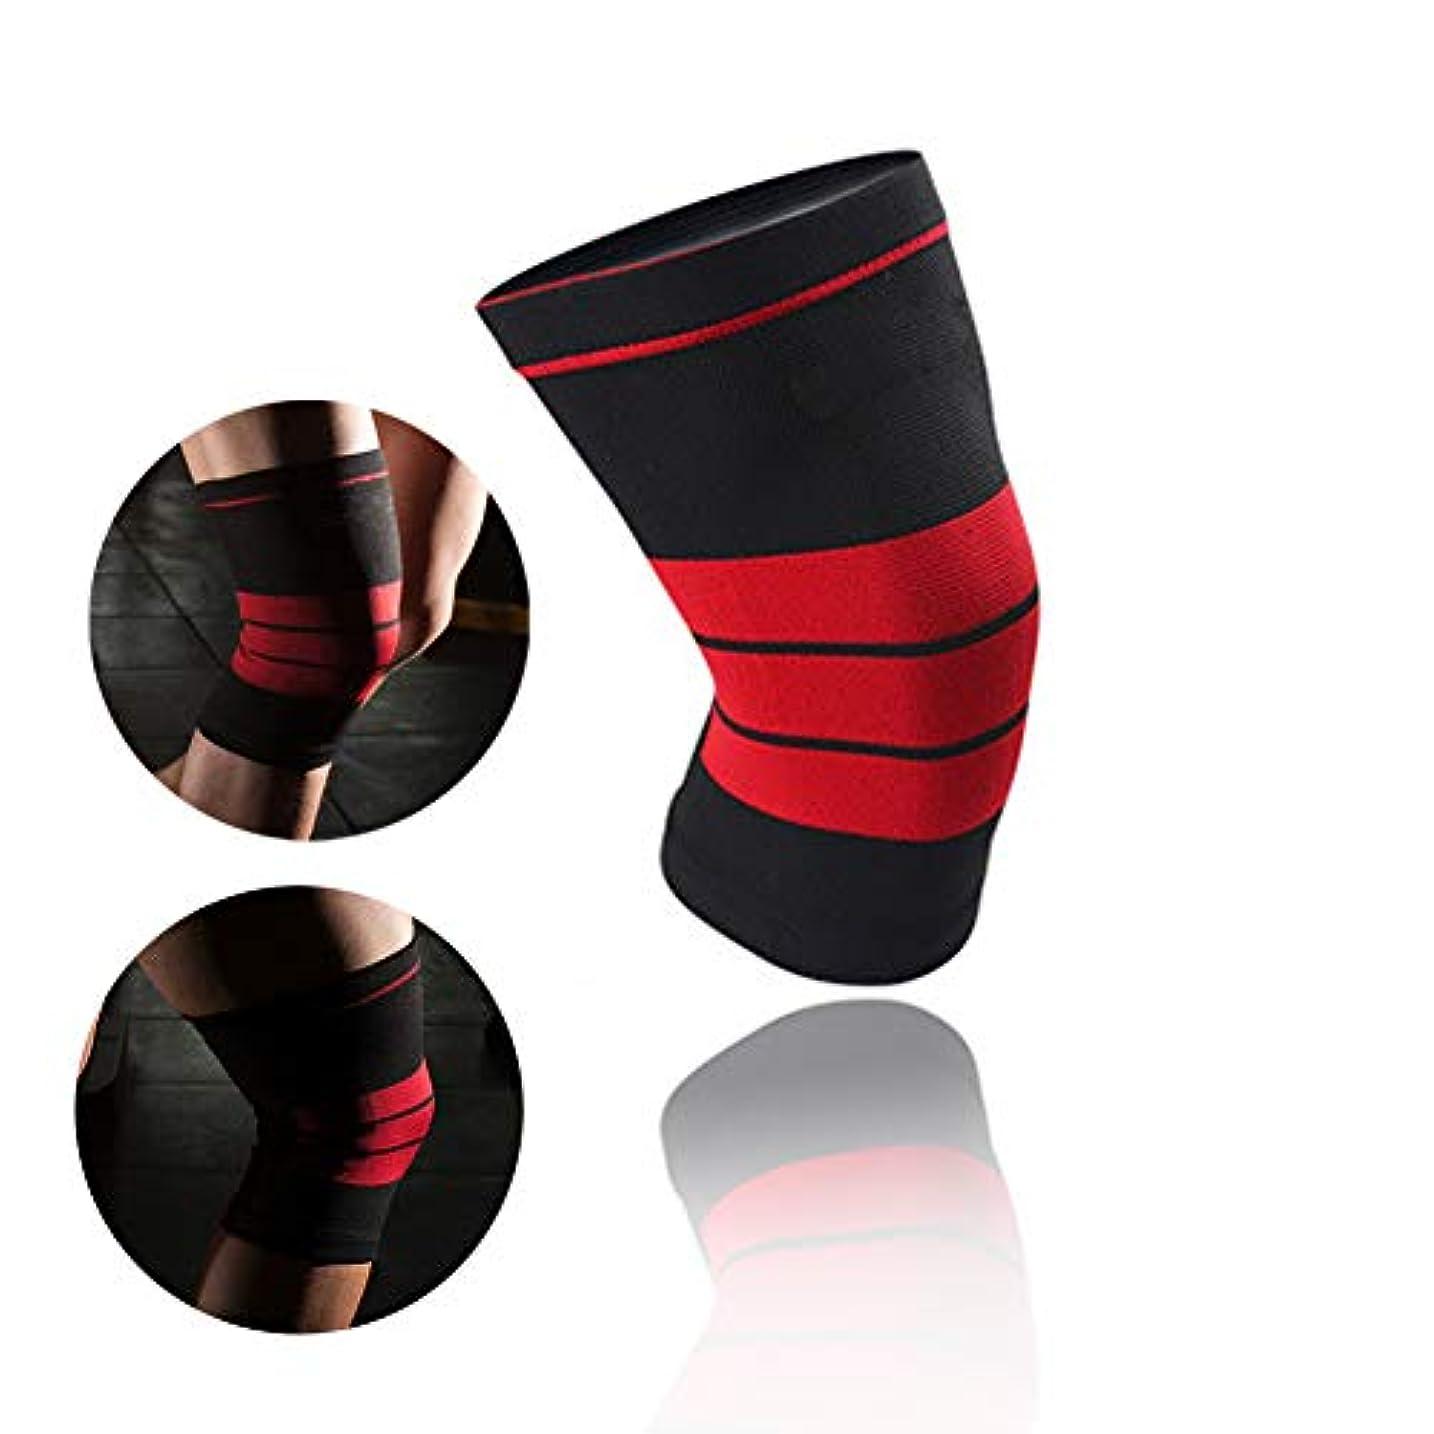 拡声器不安定彼らのものオープン膝サポート - 関節炎、関節痛、半月板痛、回復、ジム、スポーツ、バスケットボール、ランニング、スキー用 - 調節可能な圧縮